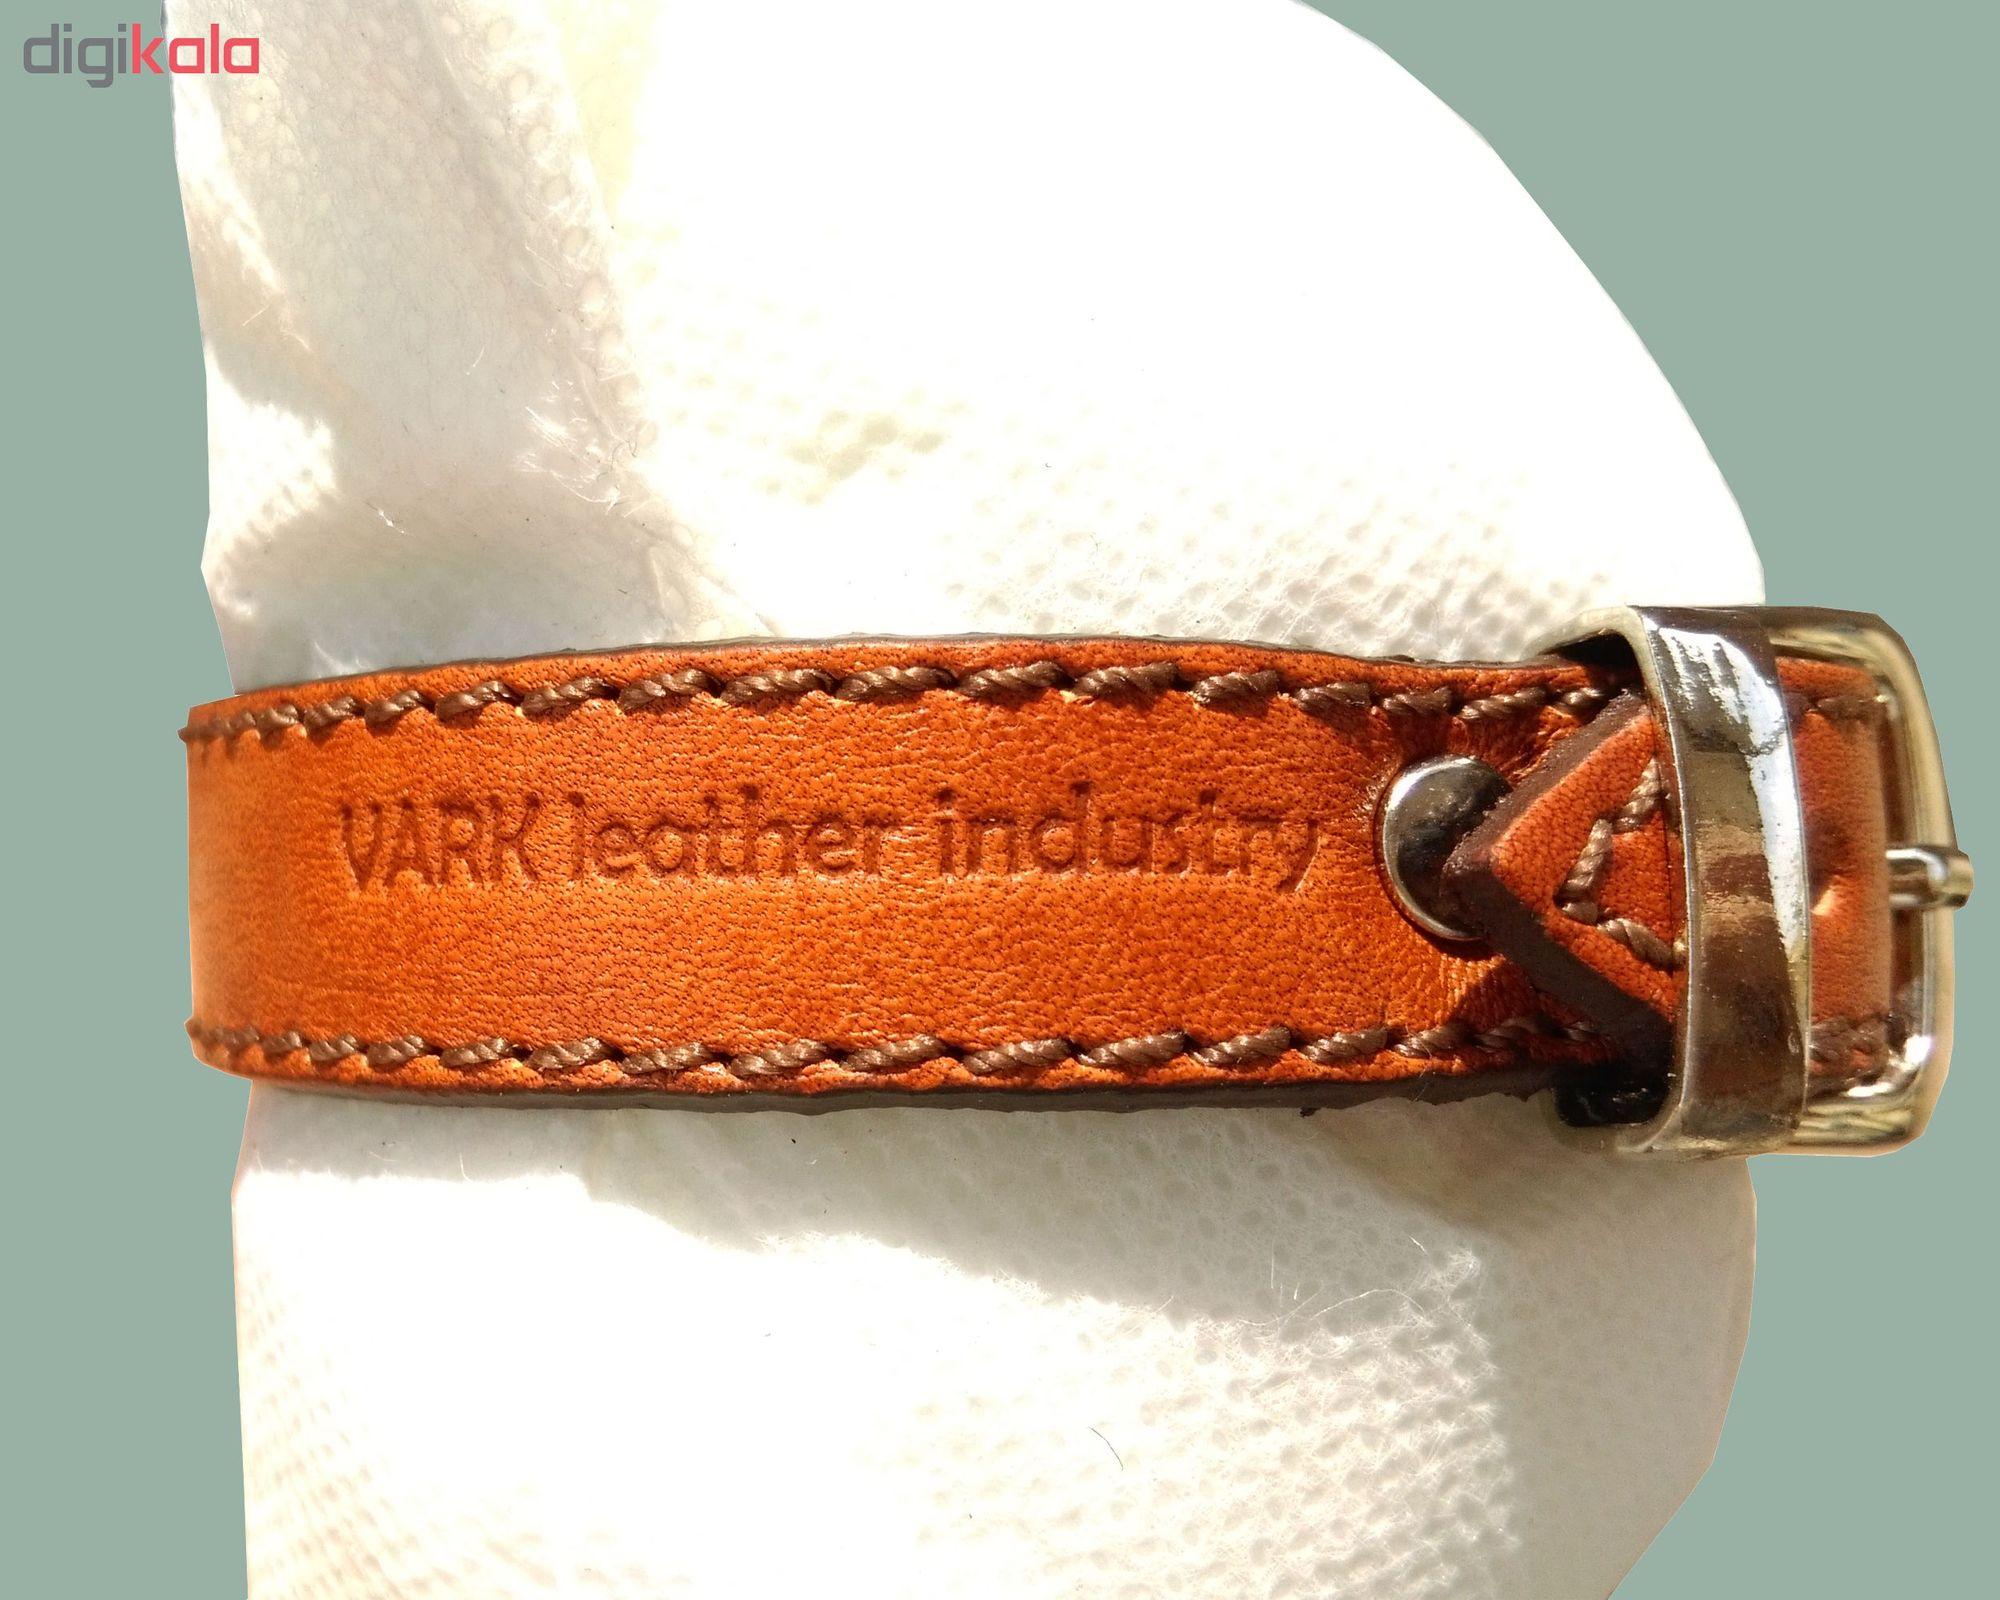 دستبند چرم وارک مدل پرهام کد rb36 main 1 28